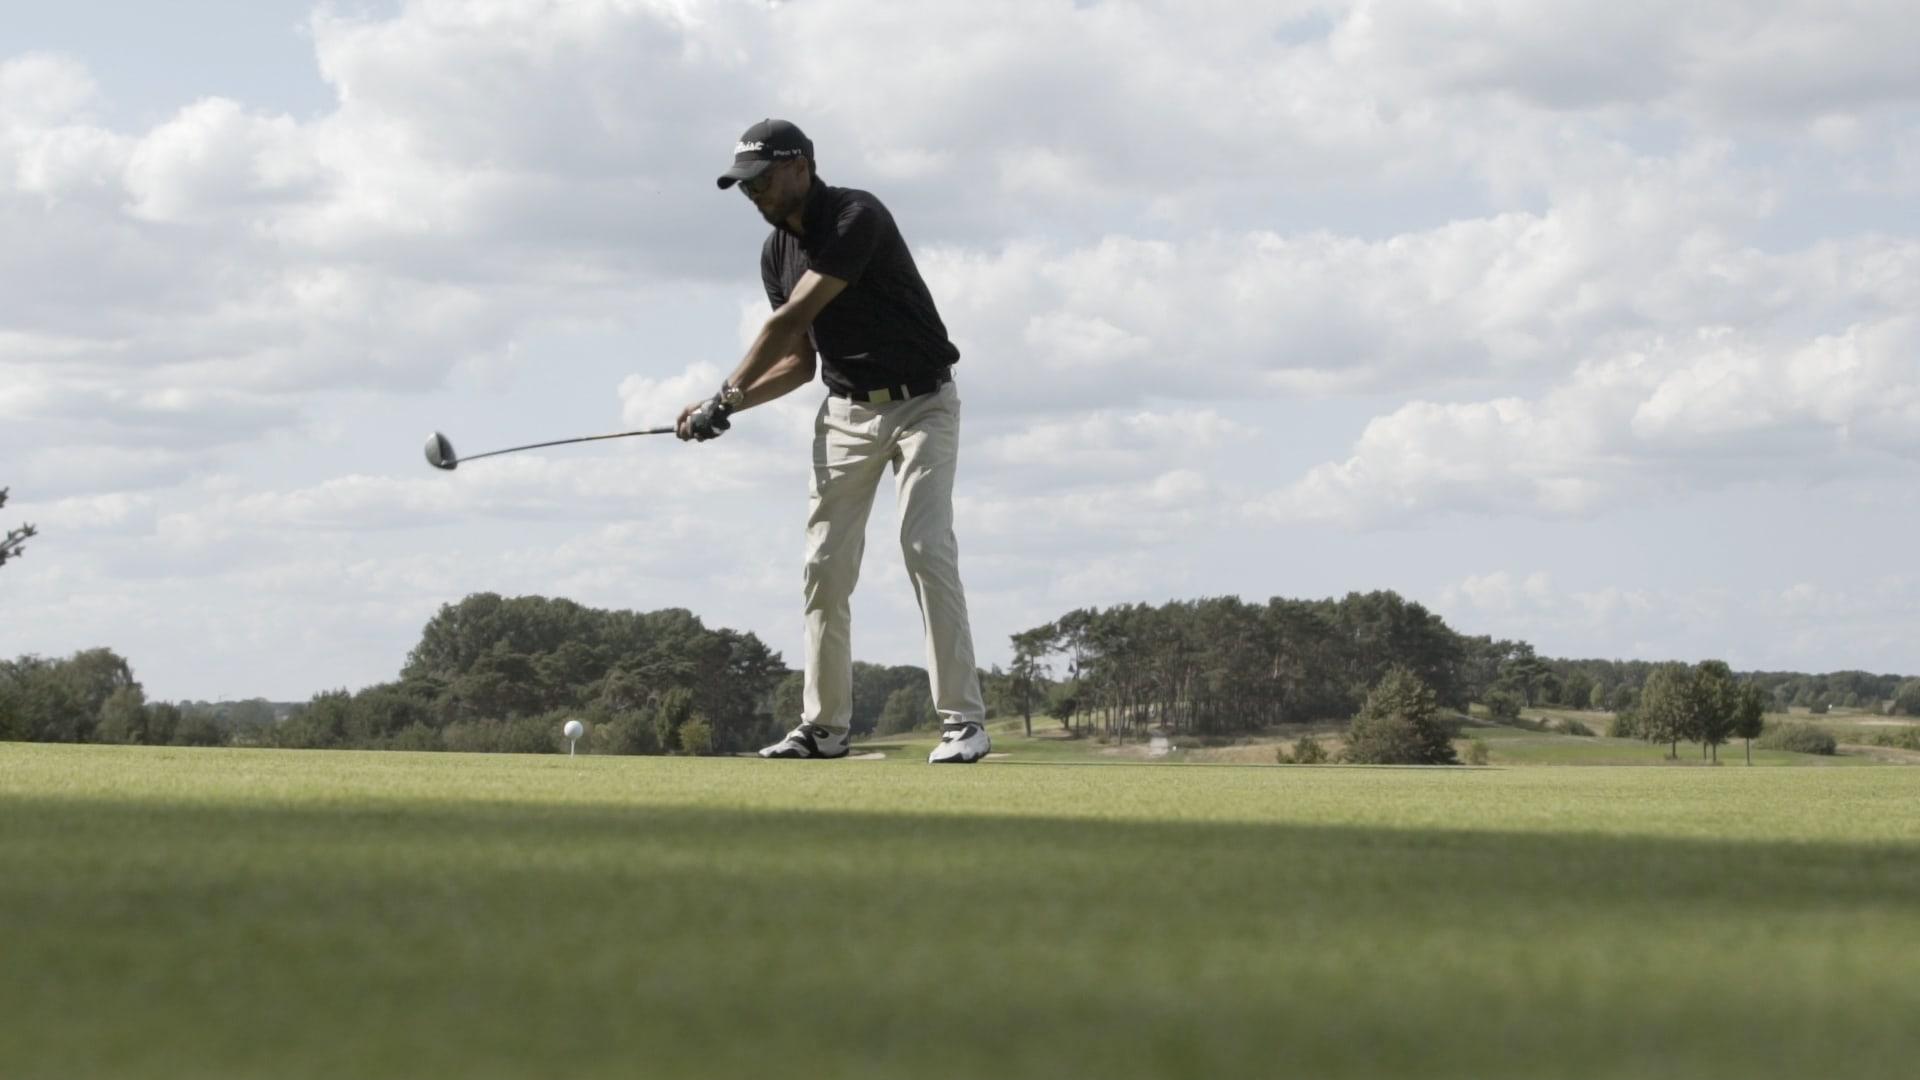 Videographie eines Golfers